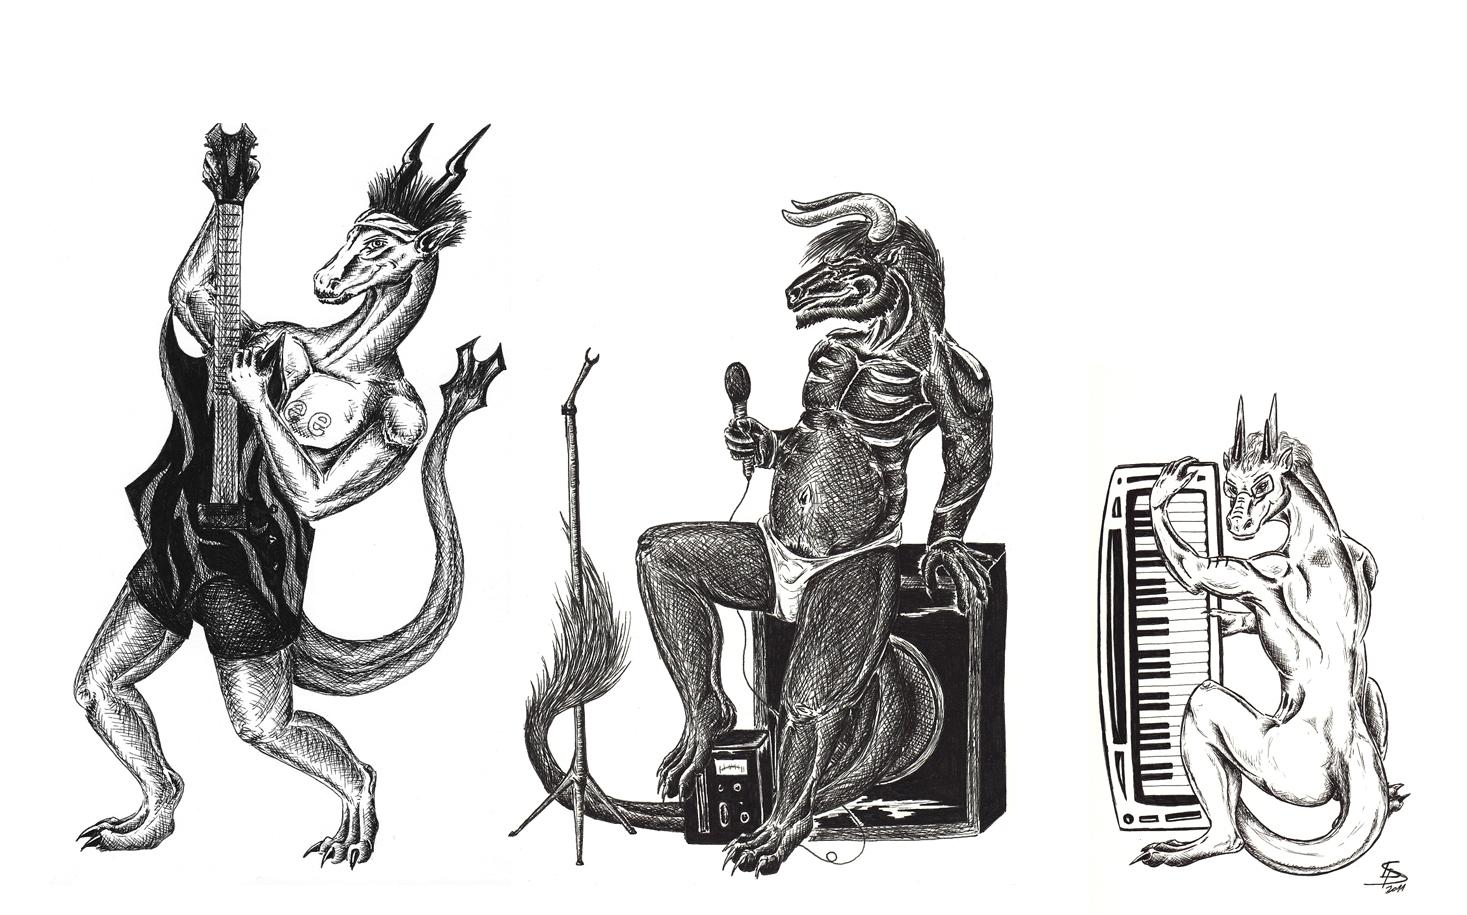 AoA in dragon's version